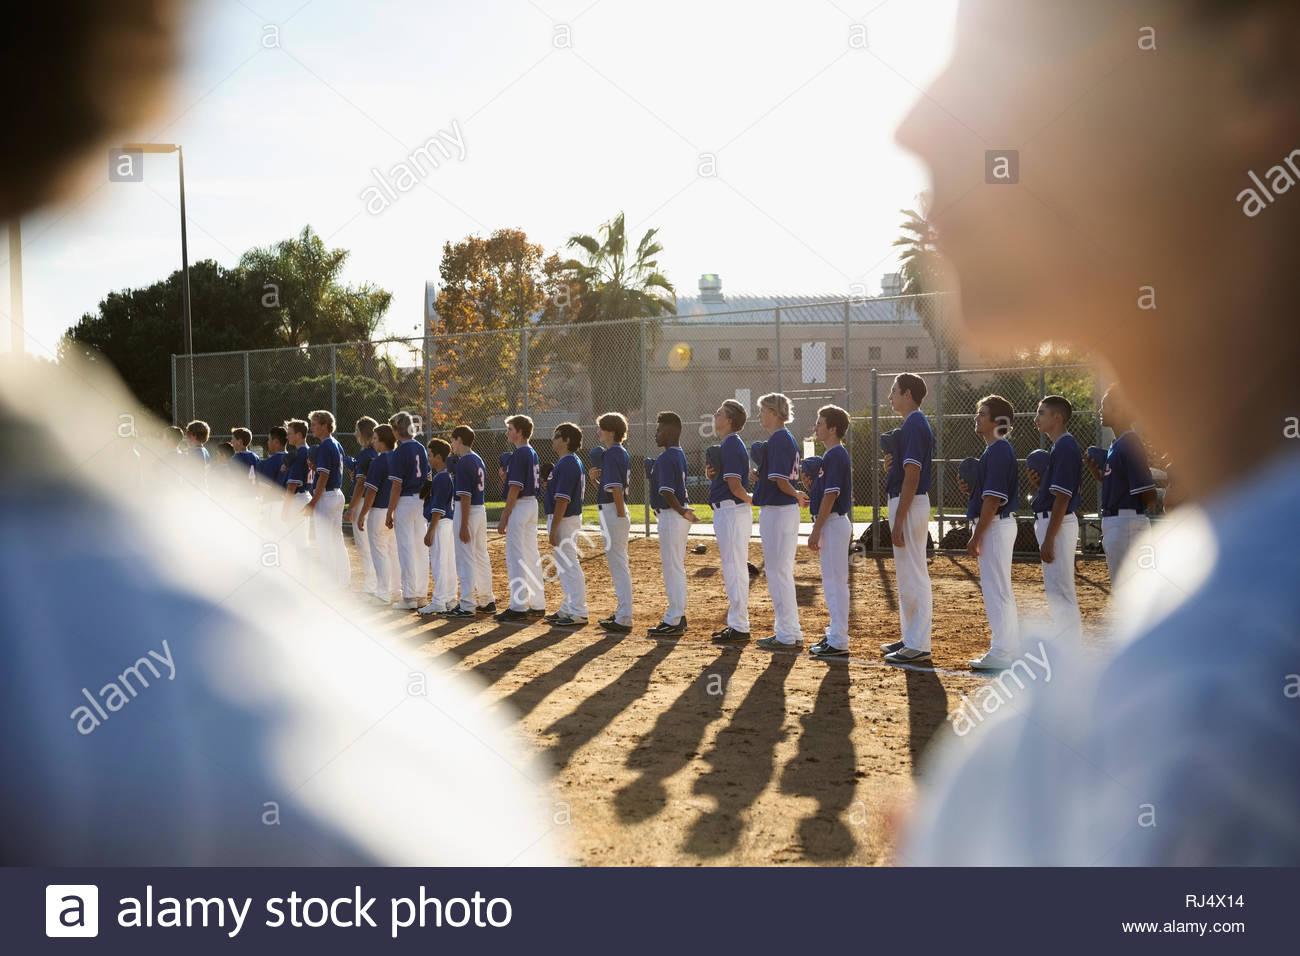 Los jugadores de béisbol de pie en una fila para el himno nacional Imagen De Stock